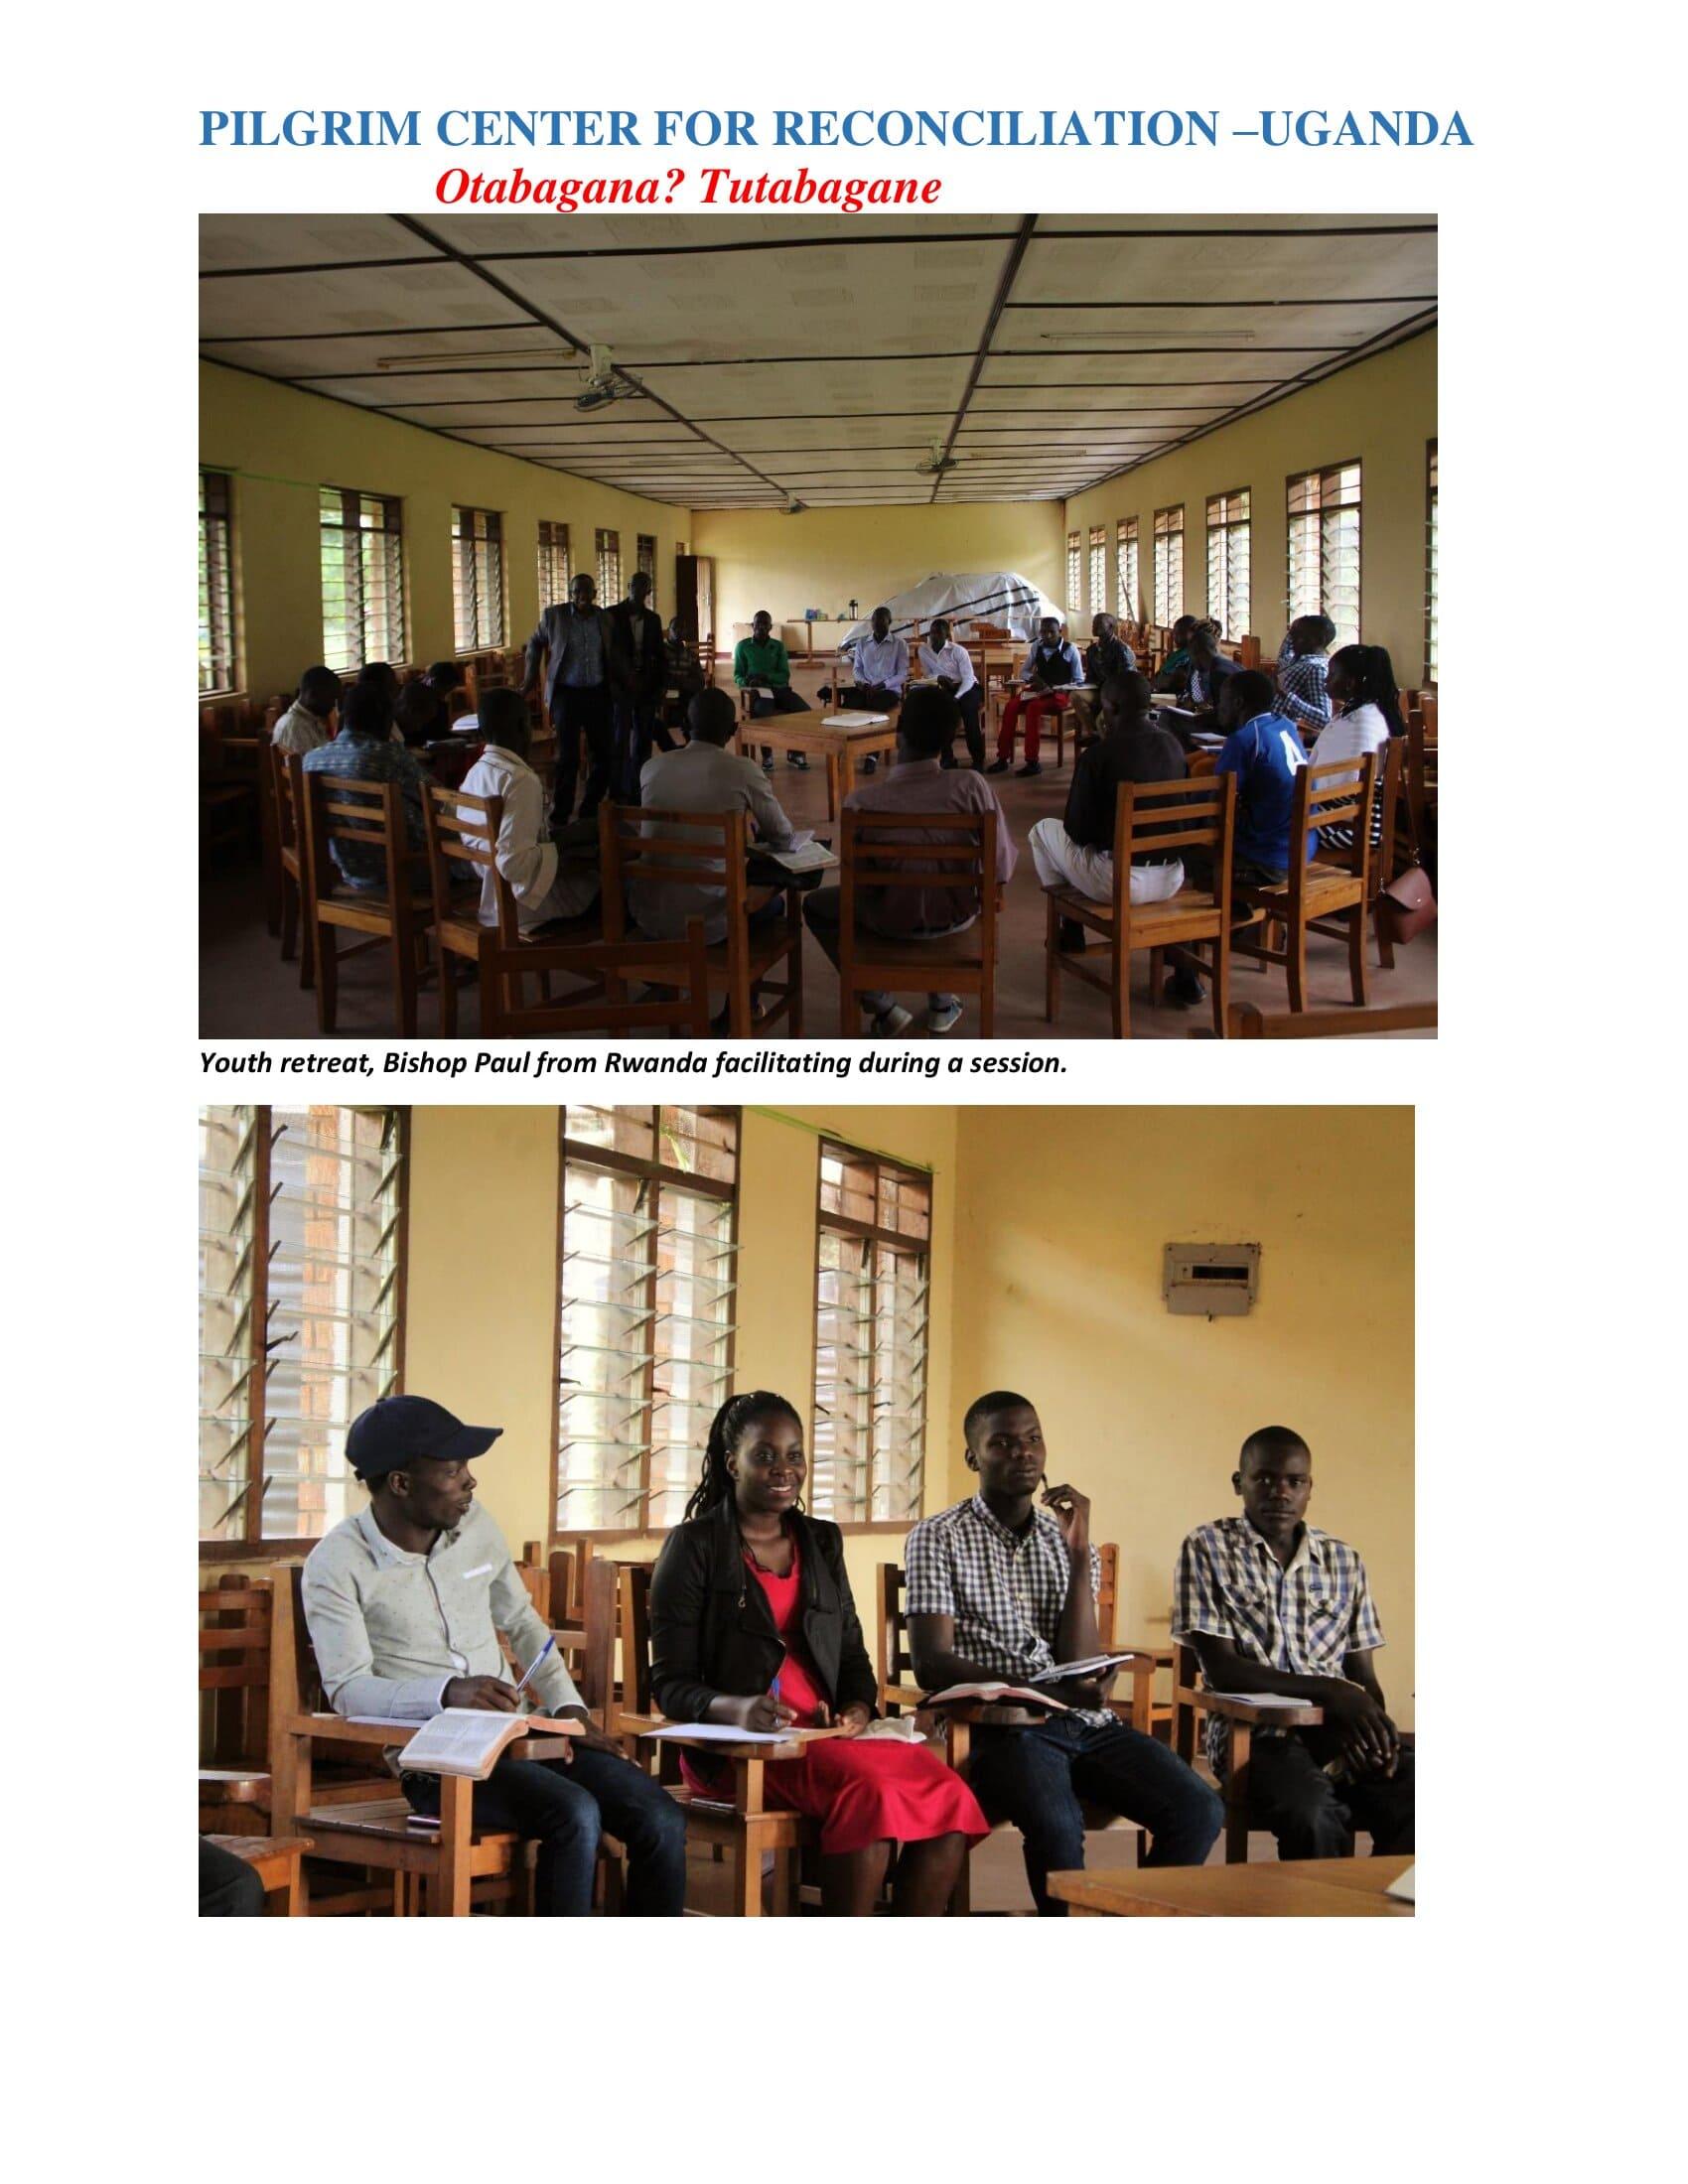 Pirigrim center for reconcilation -Uganda _0003-min